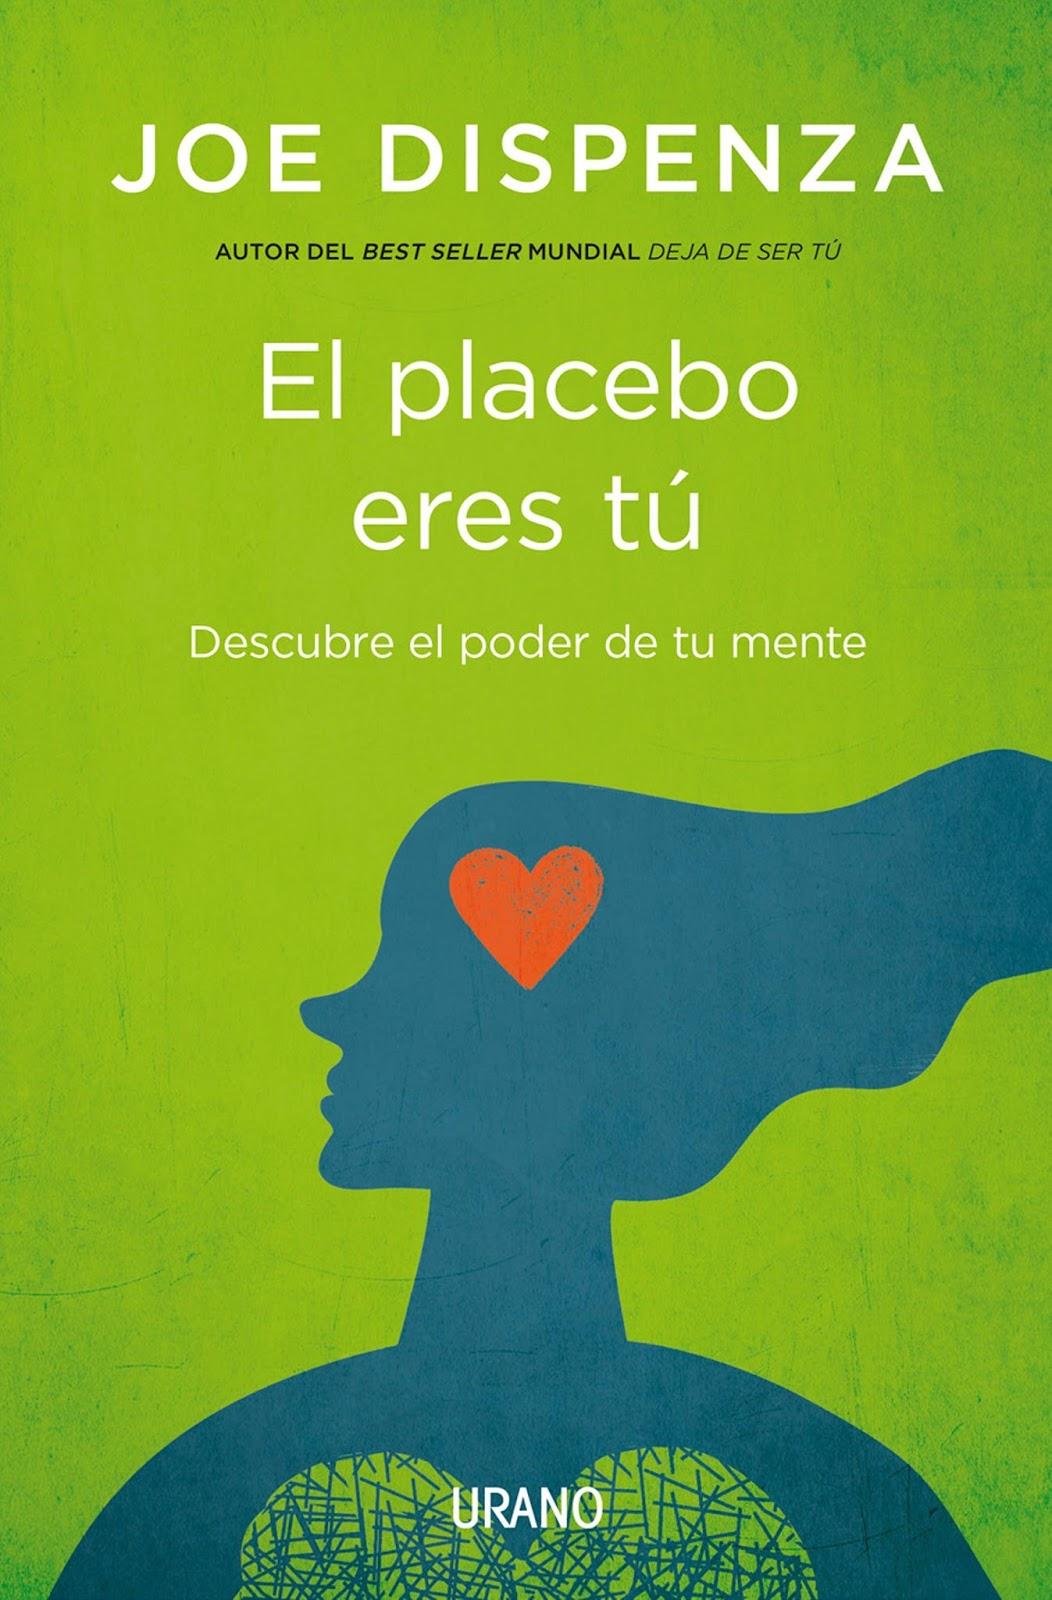 El placebo eres tú: Descubre el poder de tu mente – Joe Dispenza